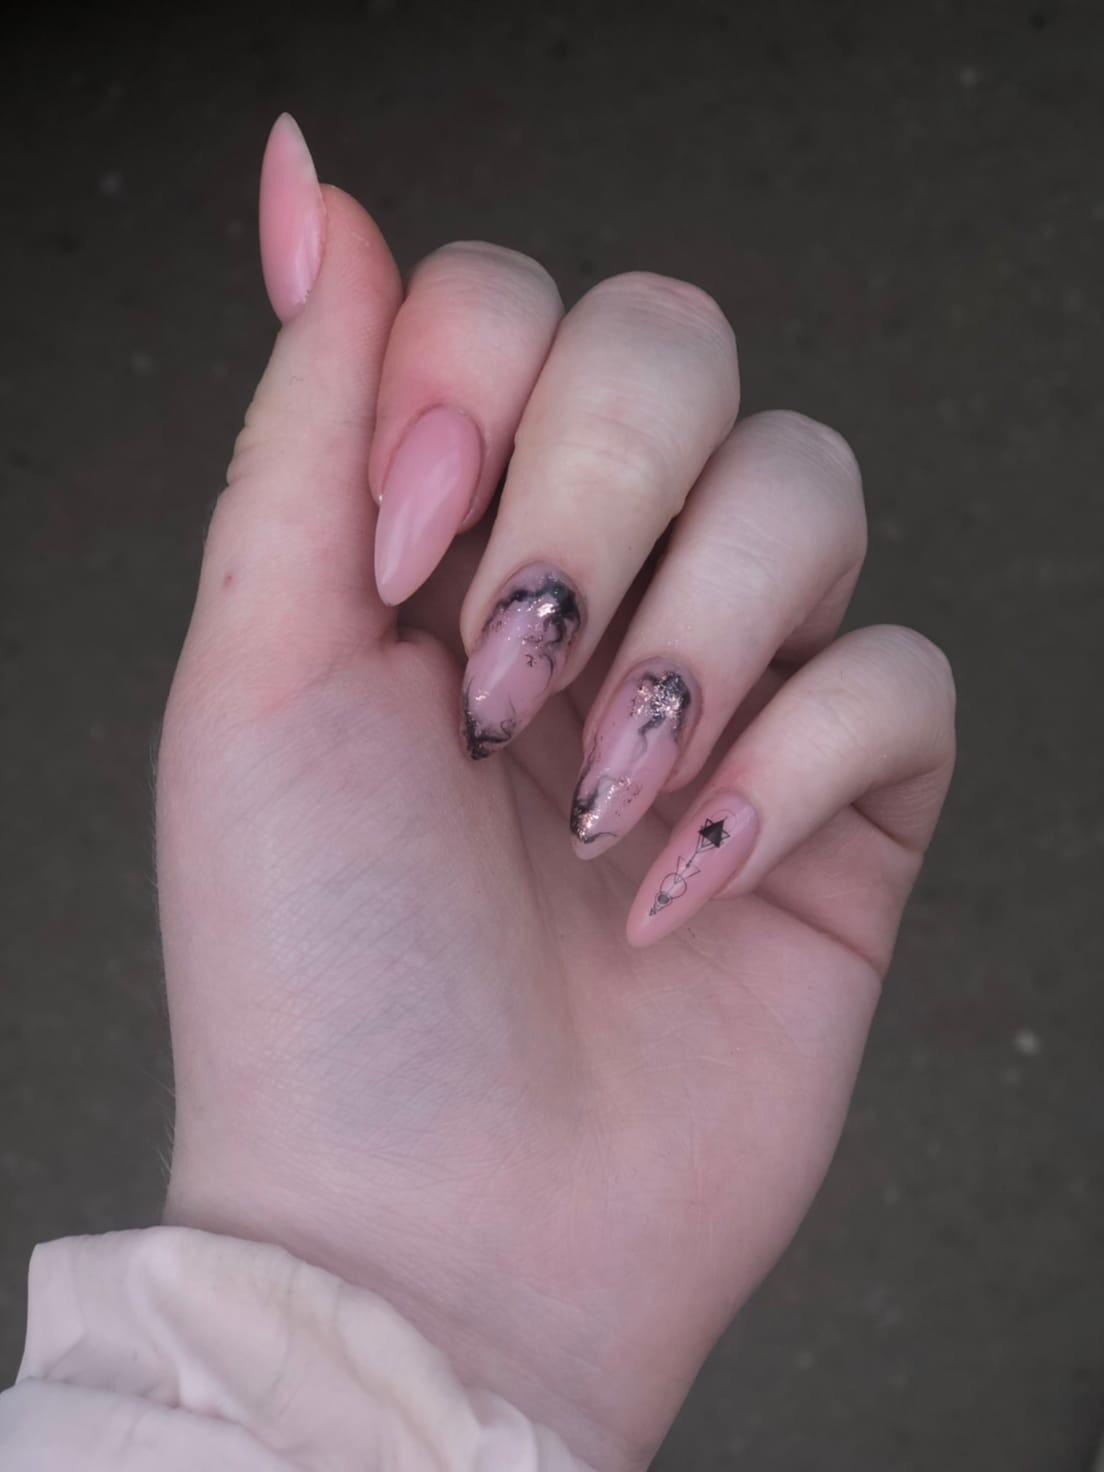 Нюдовый маникюр с мраморным дизайном и слайдерами на длинные ногти.